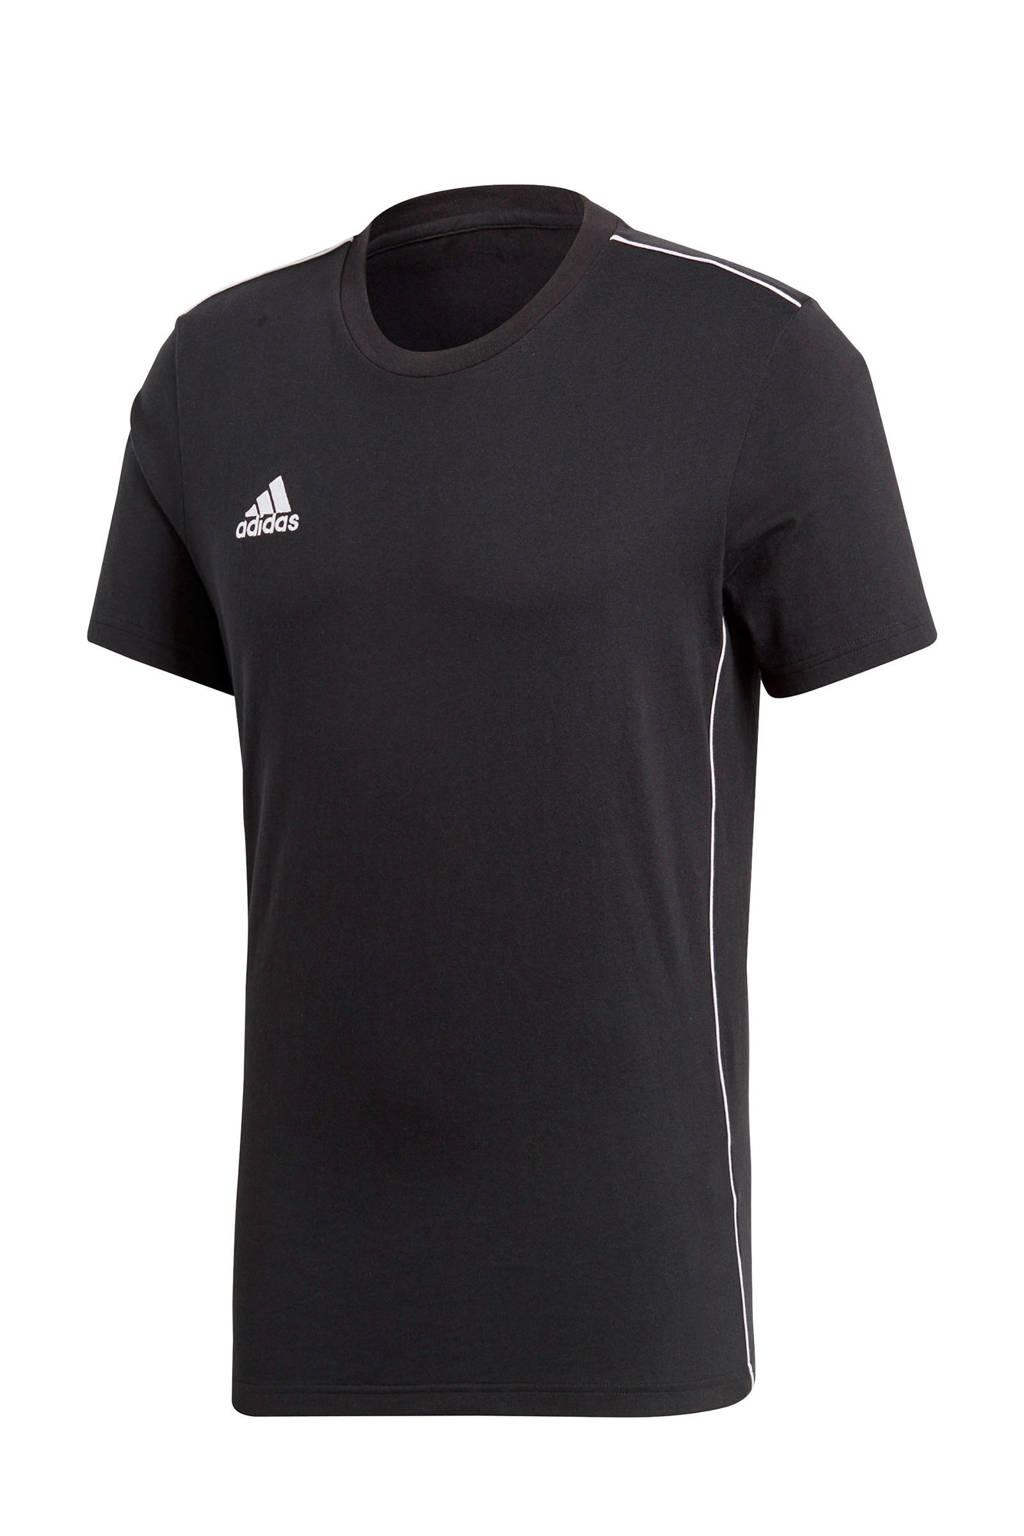 adidas performance   Core 18 sport T-shirt zwart, Zwart